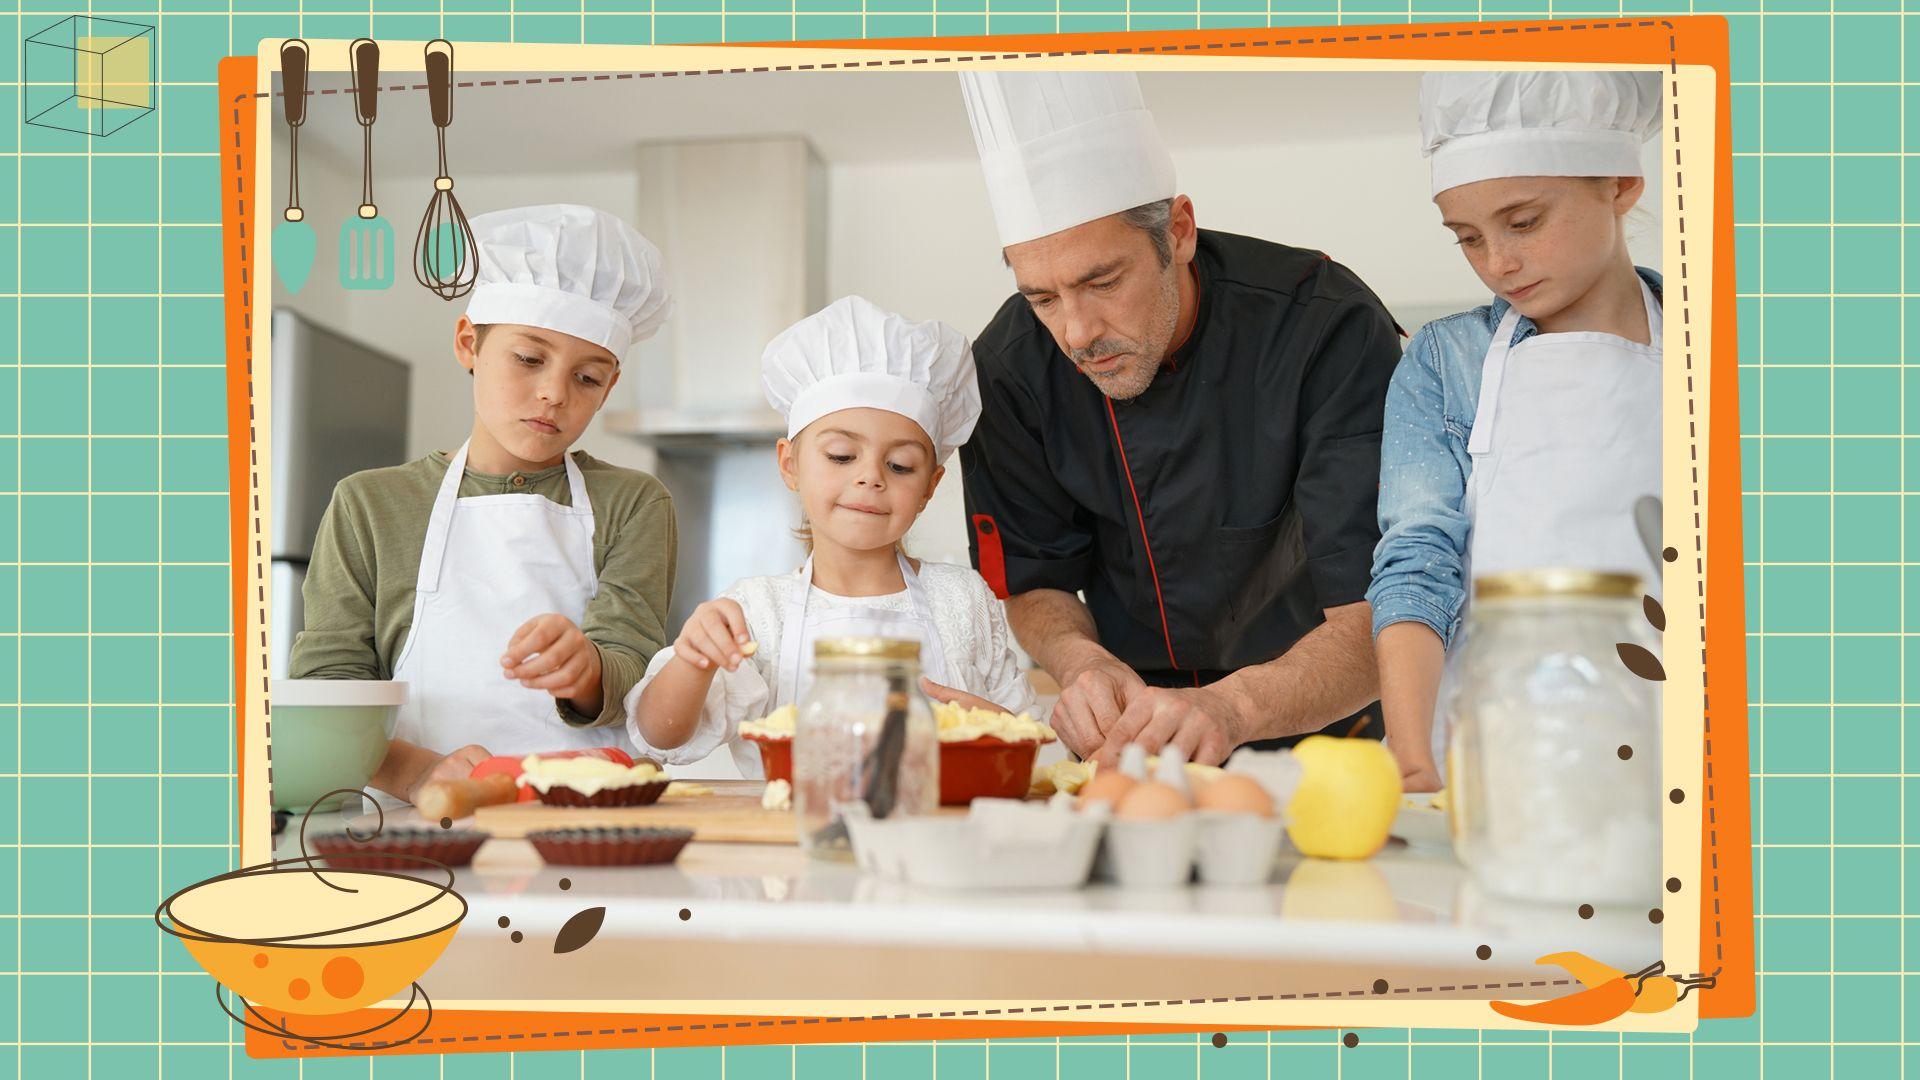 โรงเรียนสอนทำอาหารสำหรับเด็ก